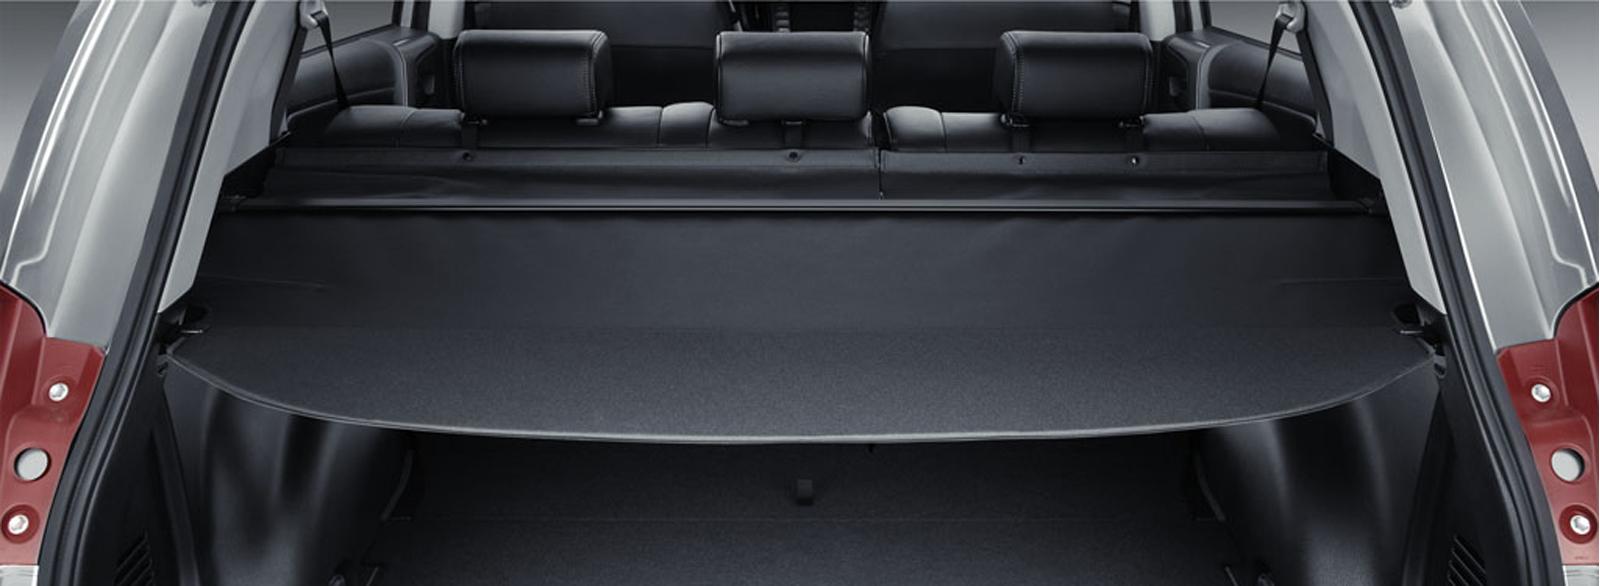 rav4-interior17